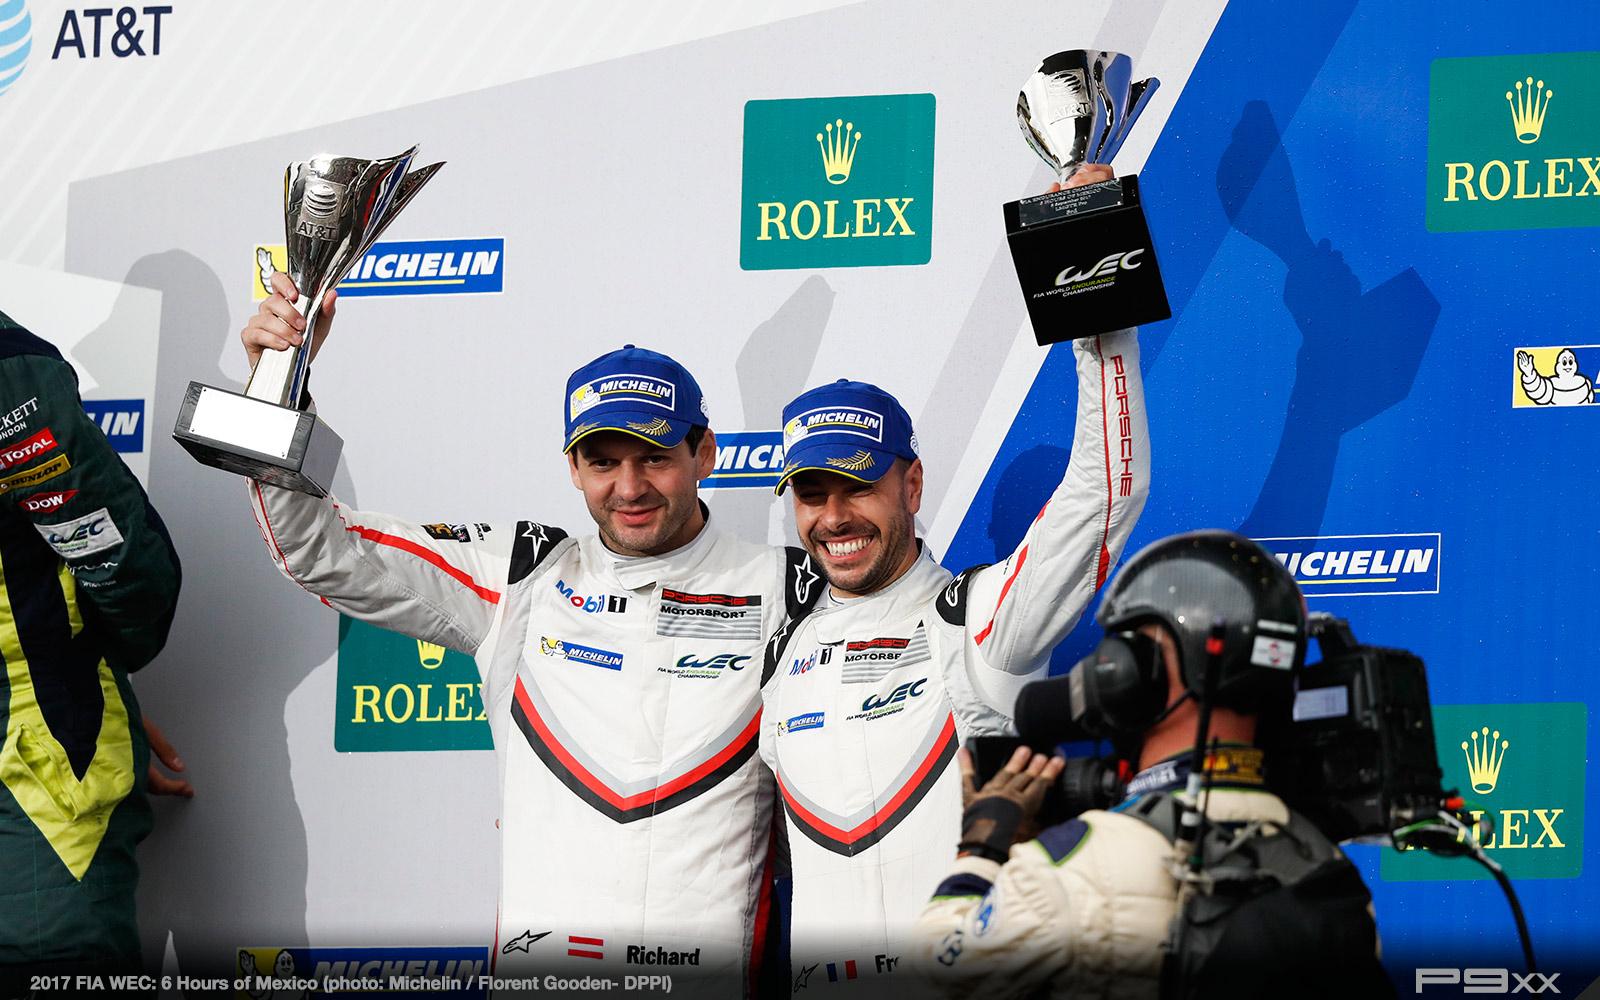 2017-FIA-WEC-6-HOURS-MEXICO-PORSCHE-exico_02117008__GDN56491215